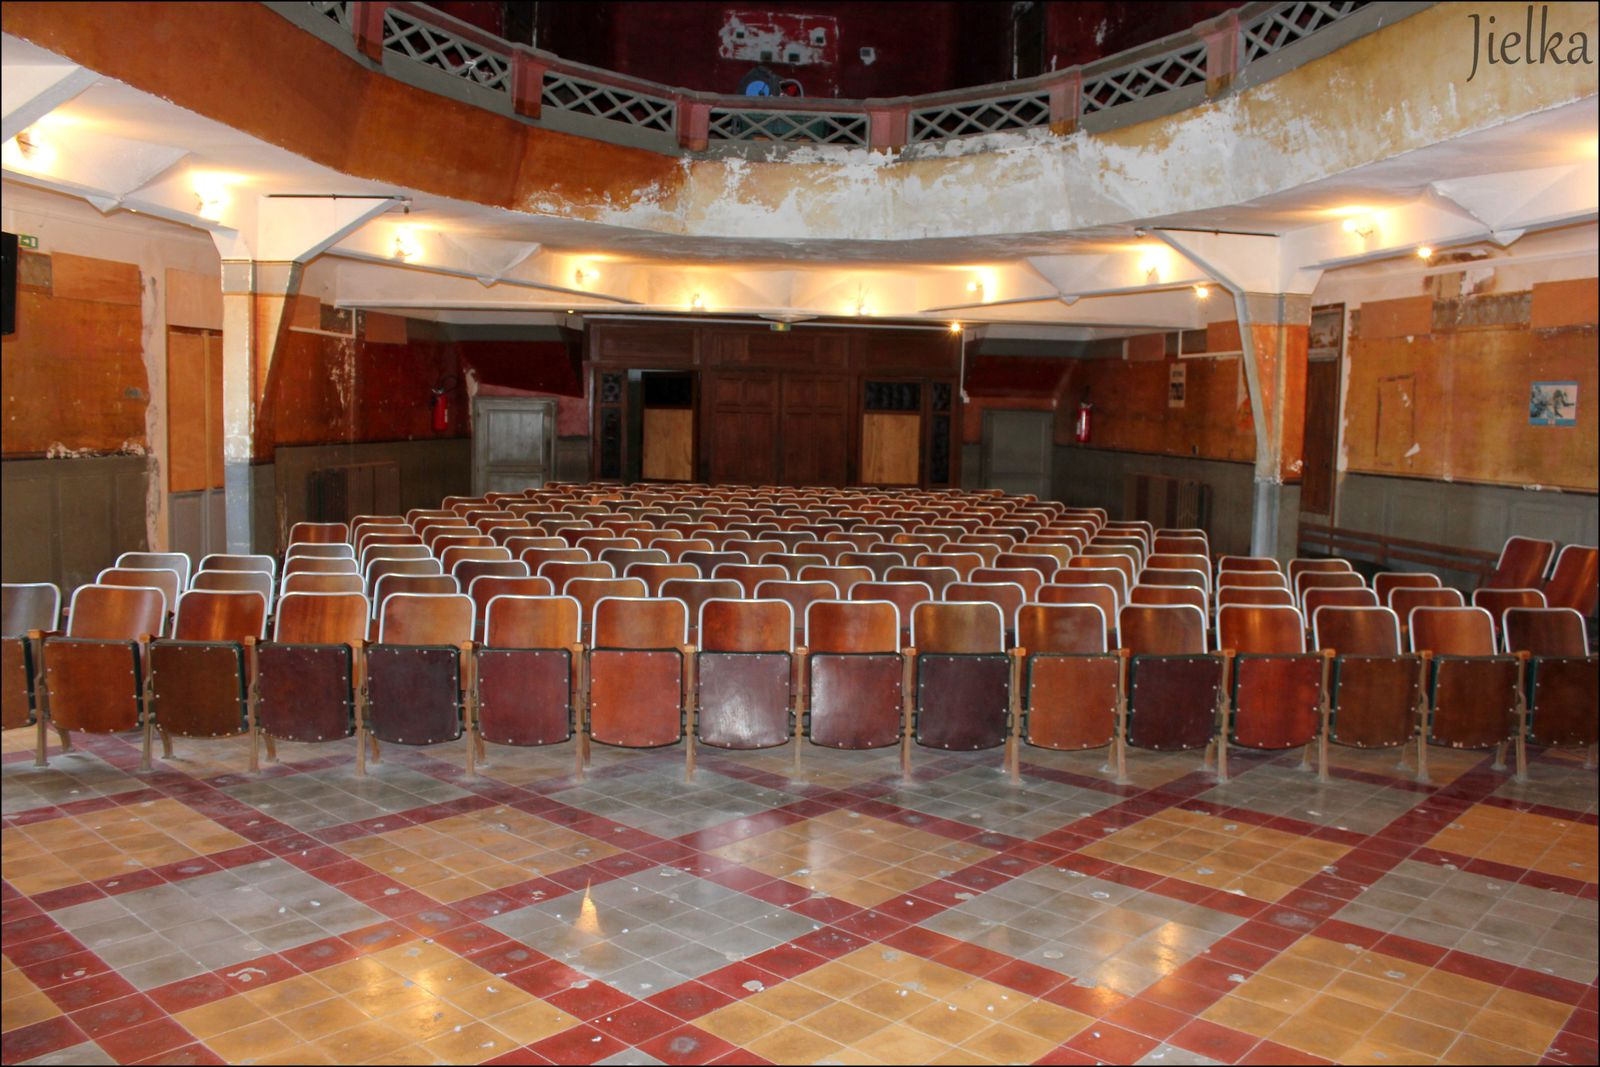 La salle de cinéma de l'hotel de luxe avec une scène de grande taille derrière l'écran  à reçu la visite de Mistinguet et de tous les plus grands artistes de l'époque.